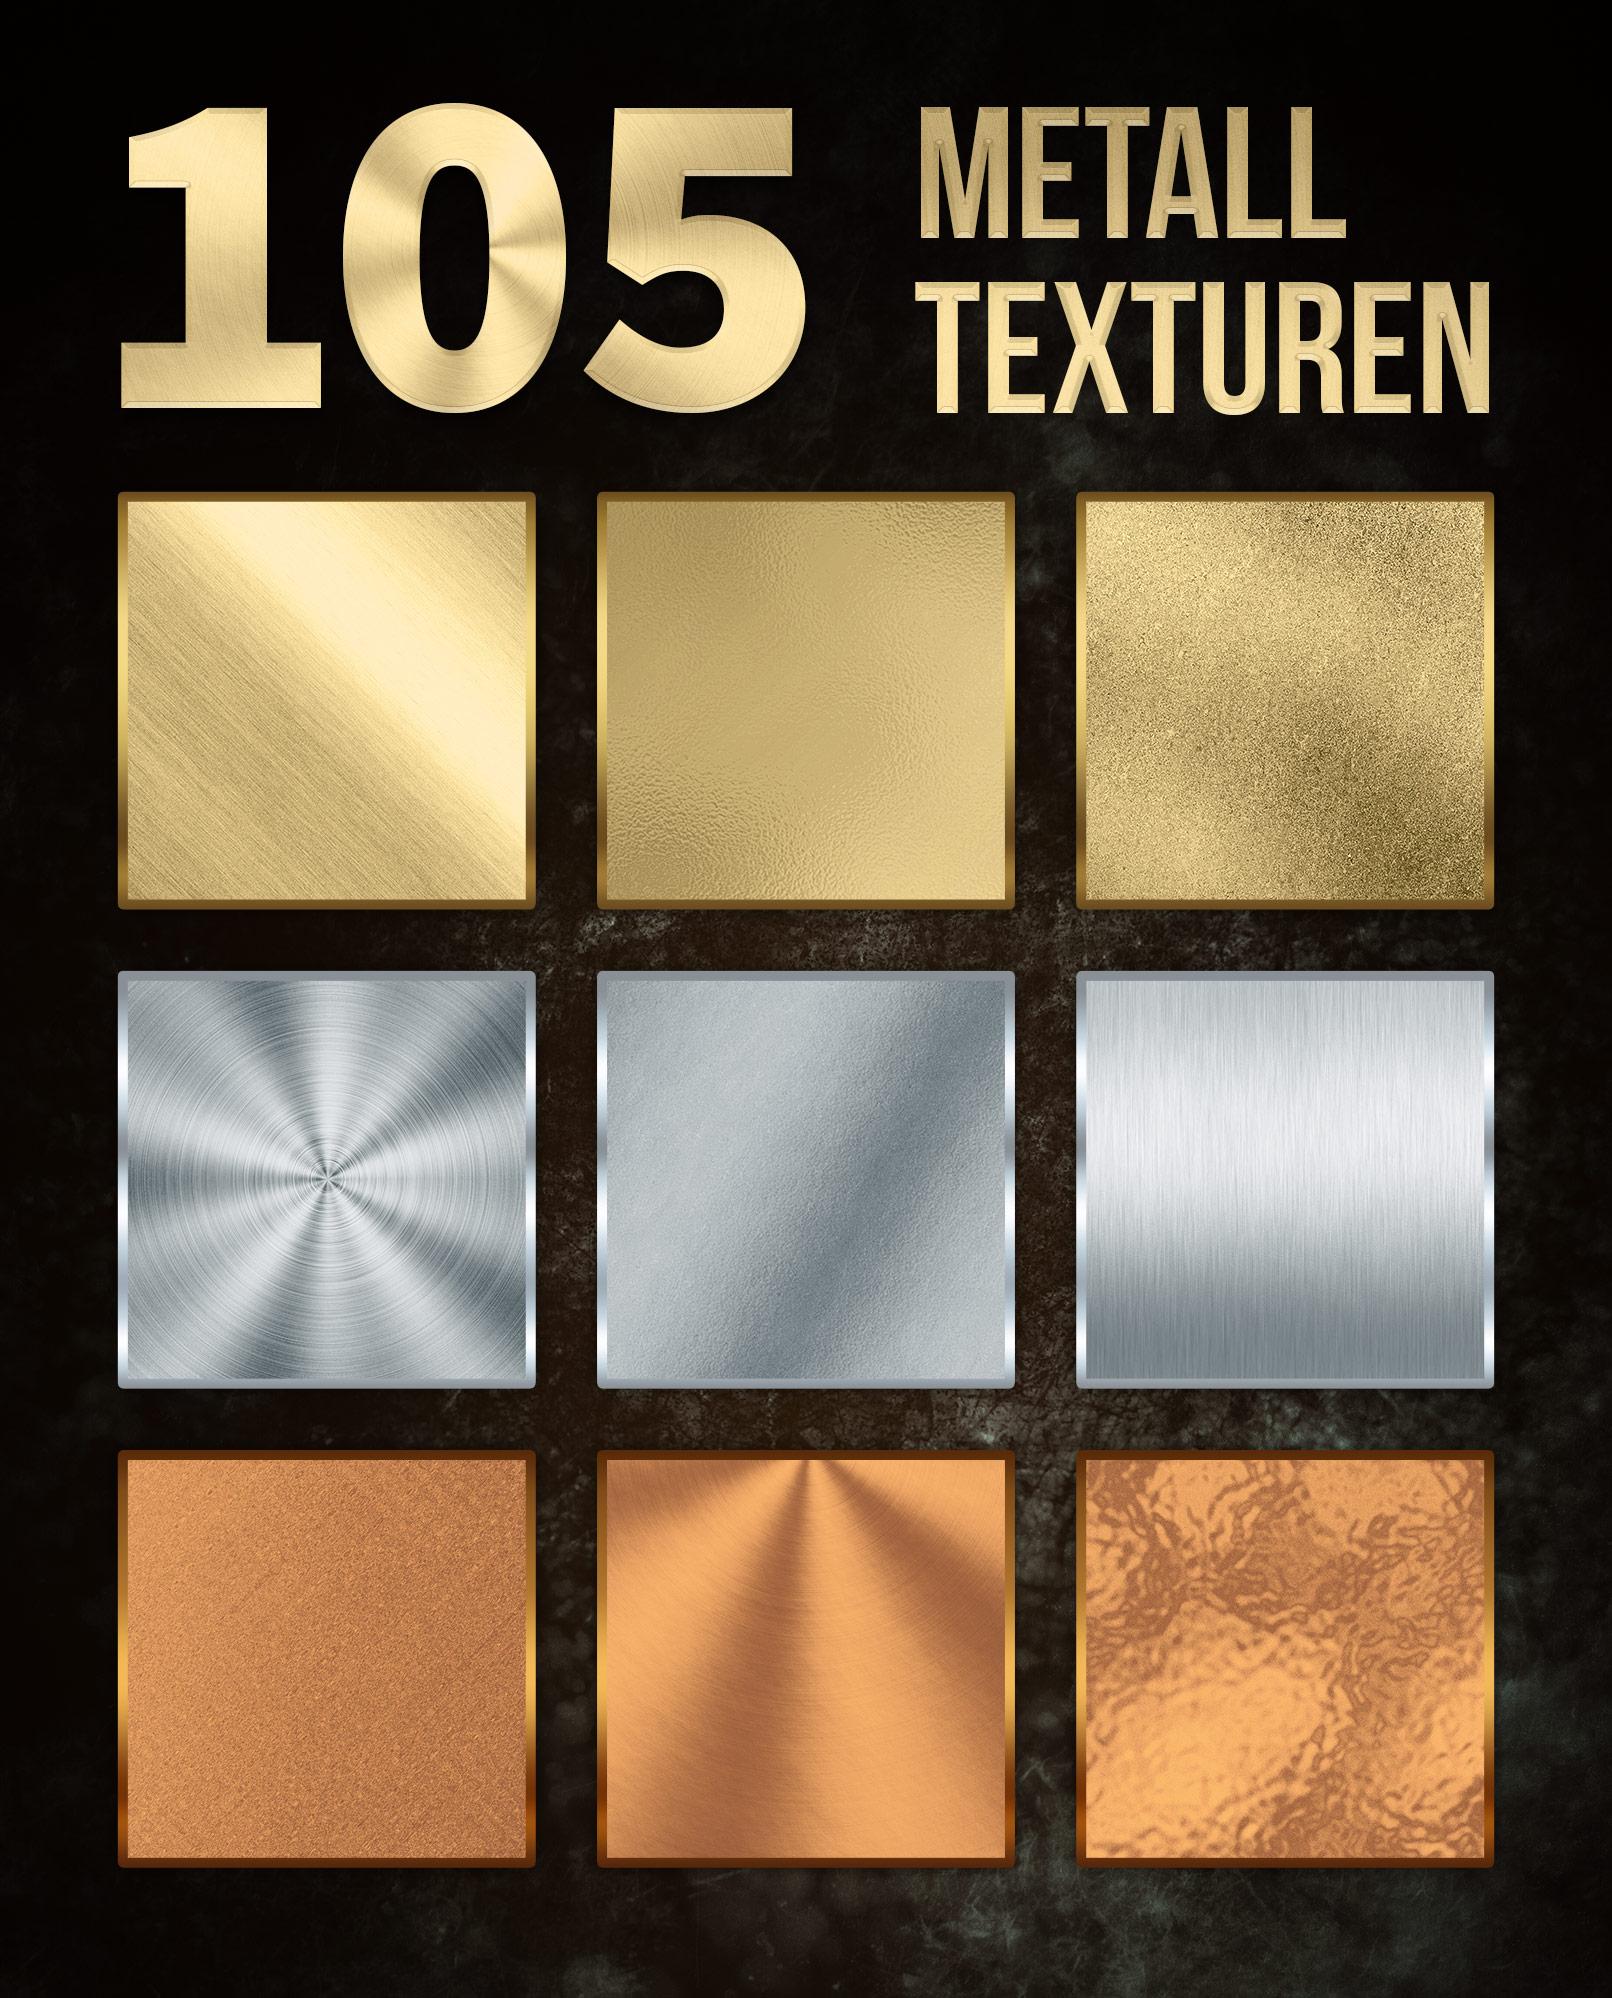 Metall-Texturen in Gold, Silber und Bronze